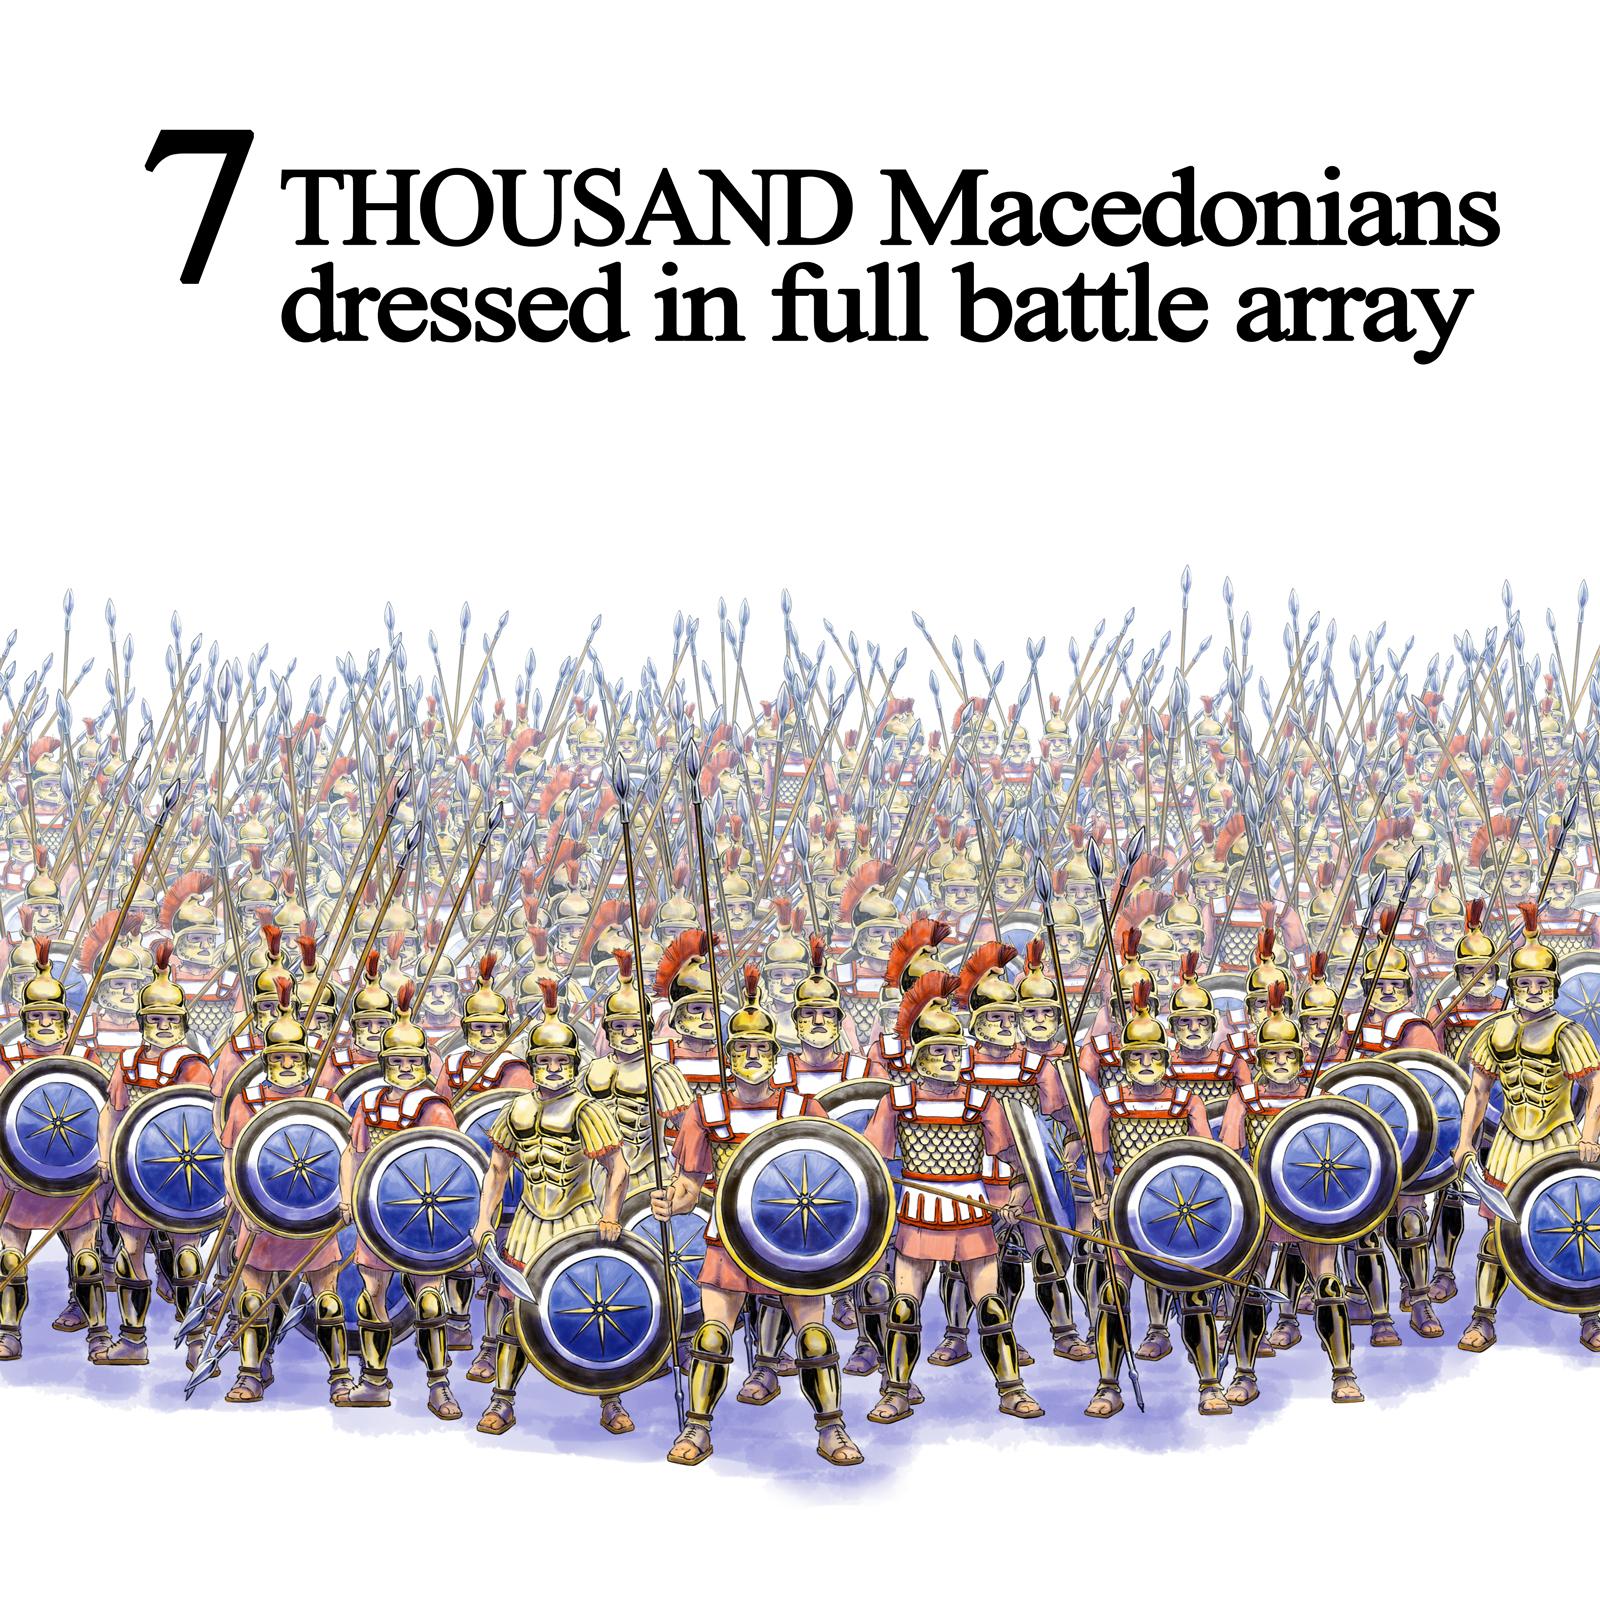 Toby-Gray-7000-Macedonians-FW